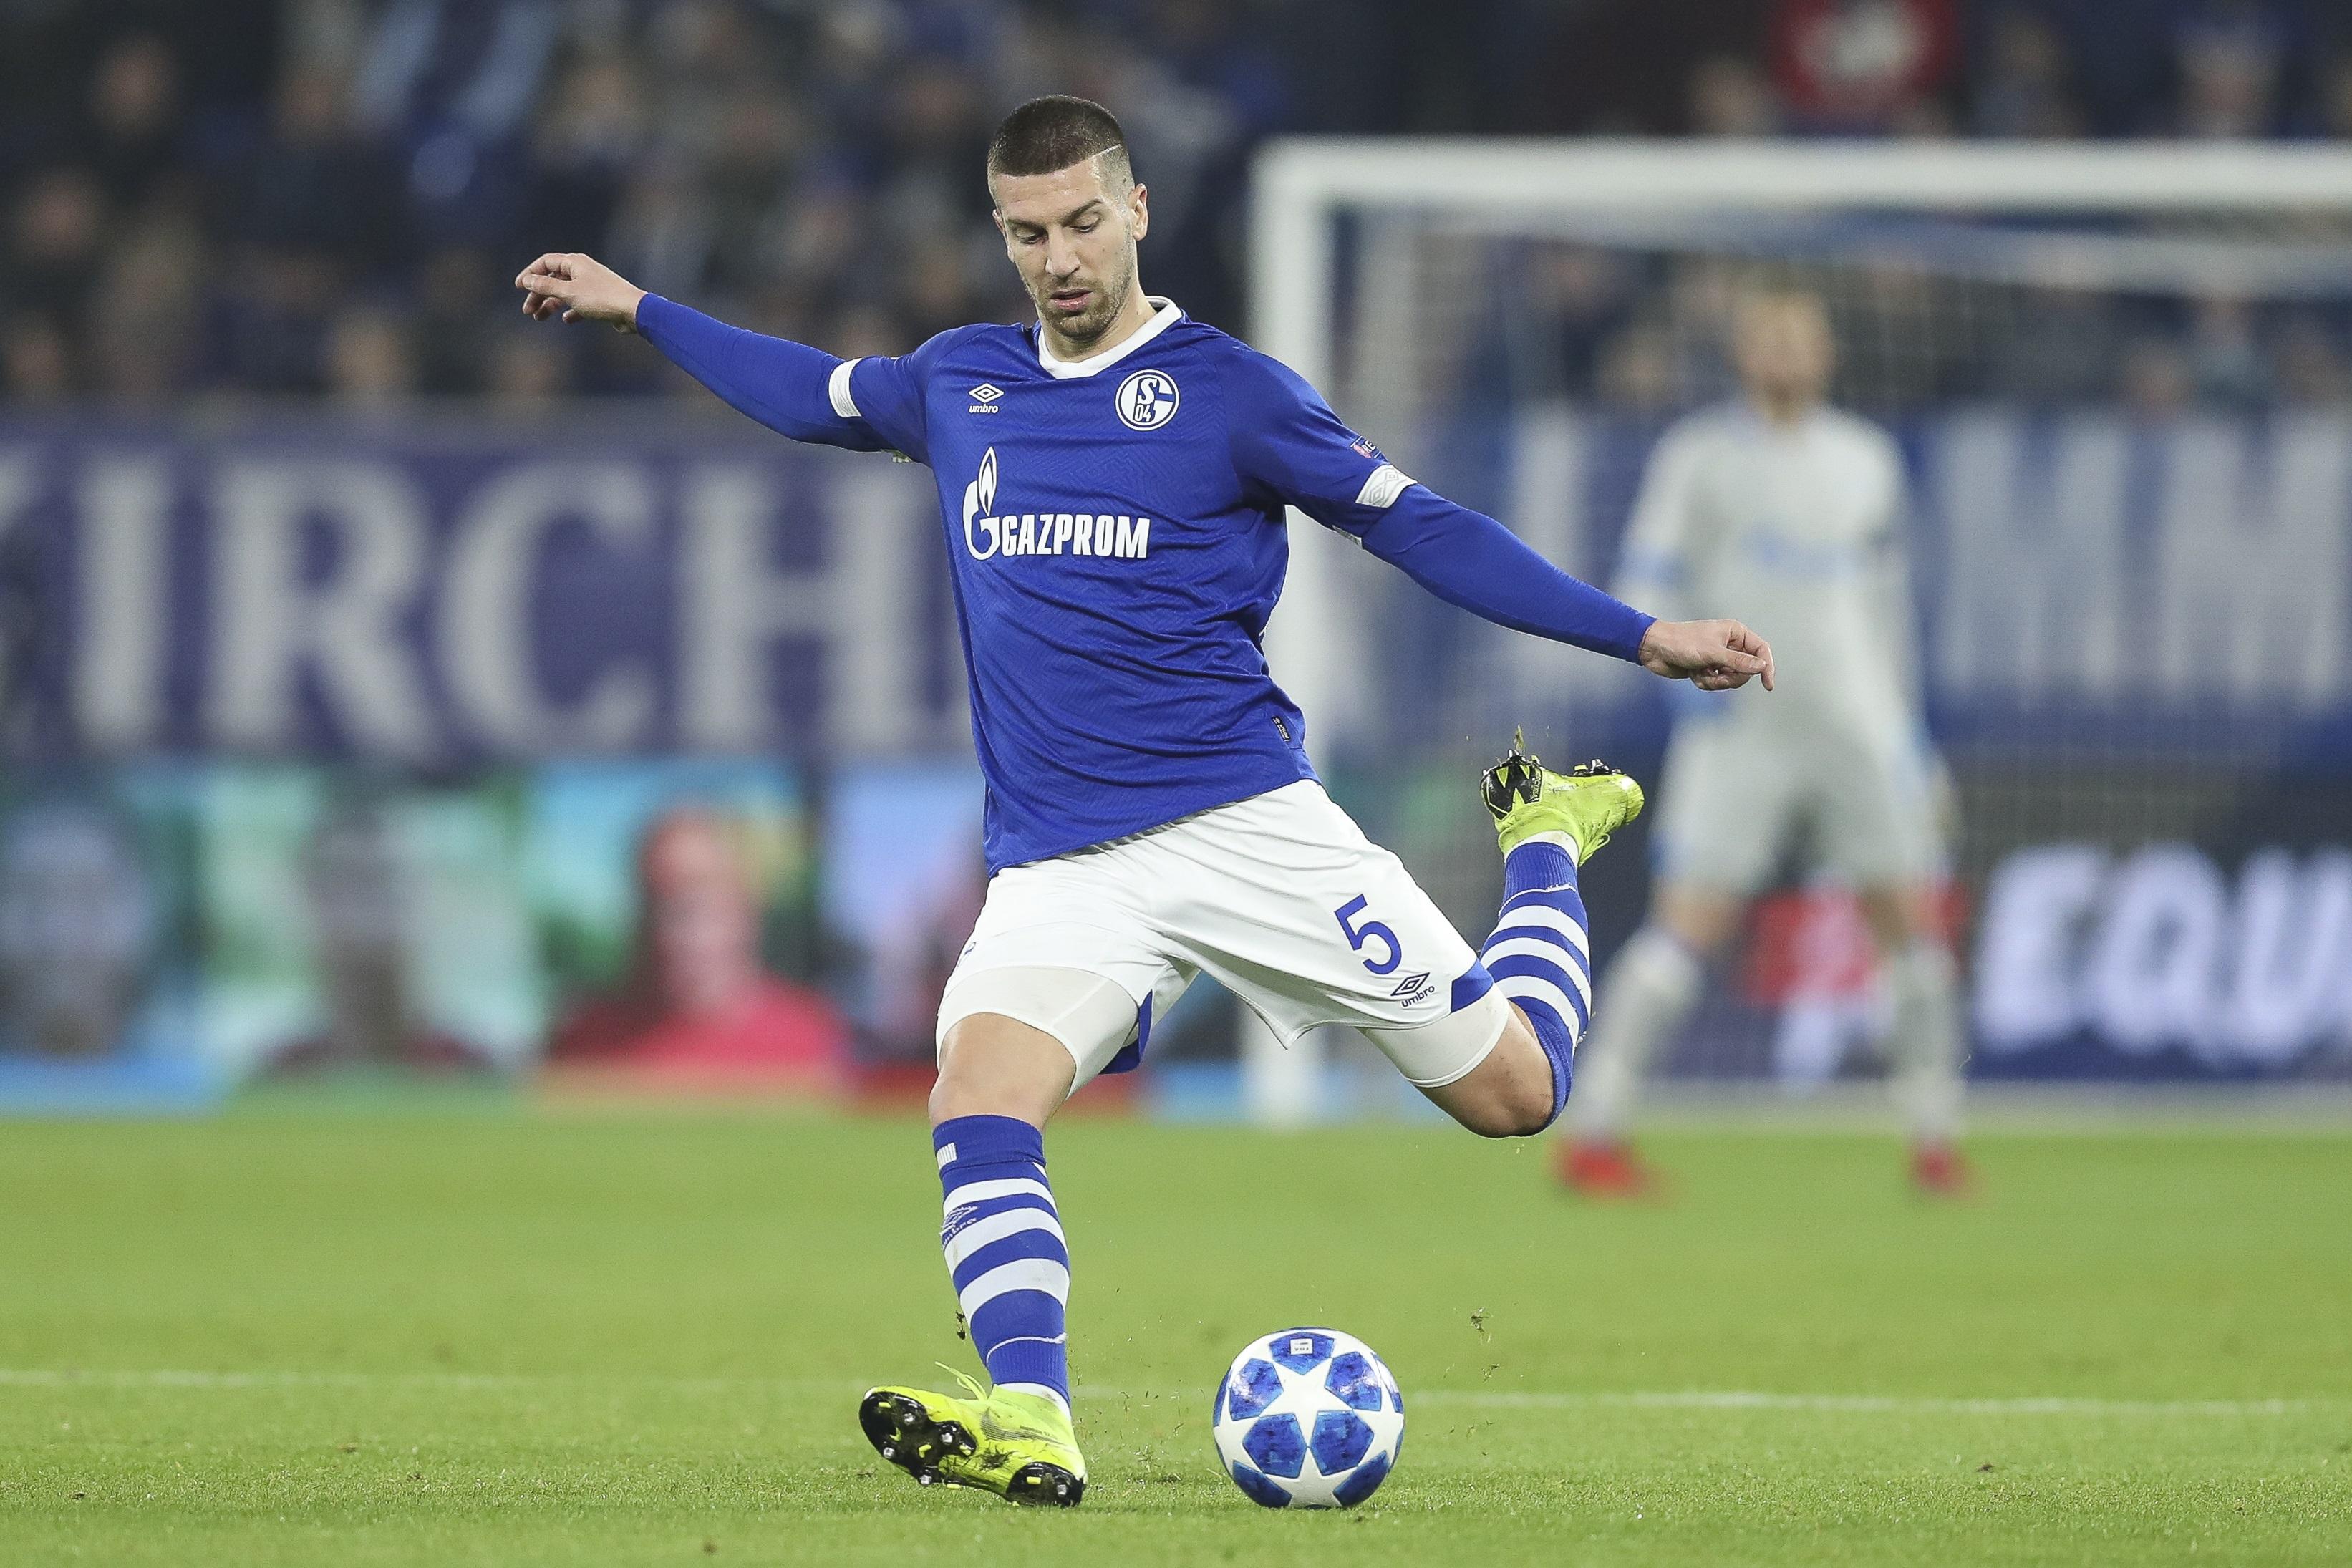 Fussball Heute Manchester City Fc Schalke 04 Im Live